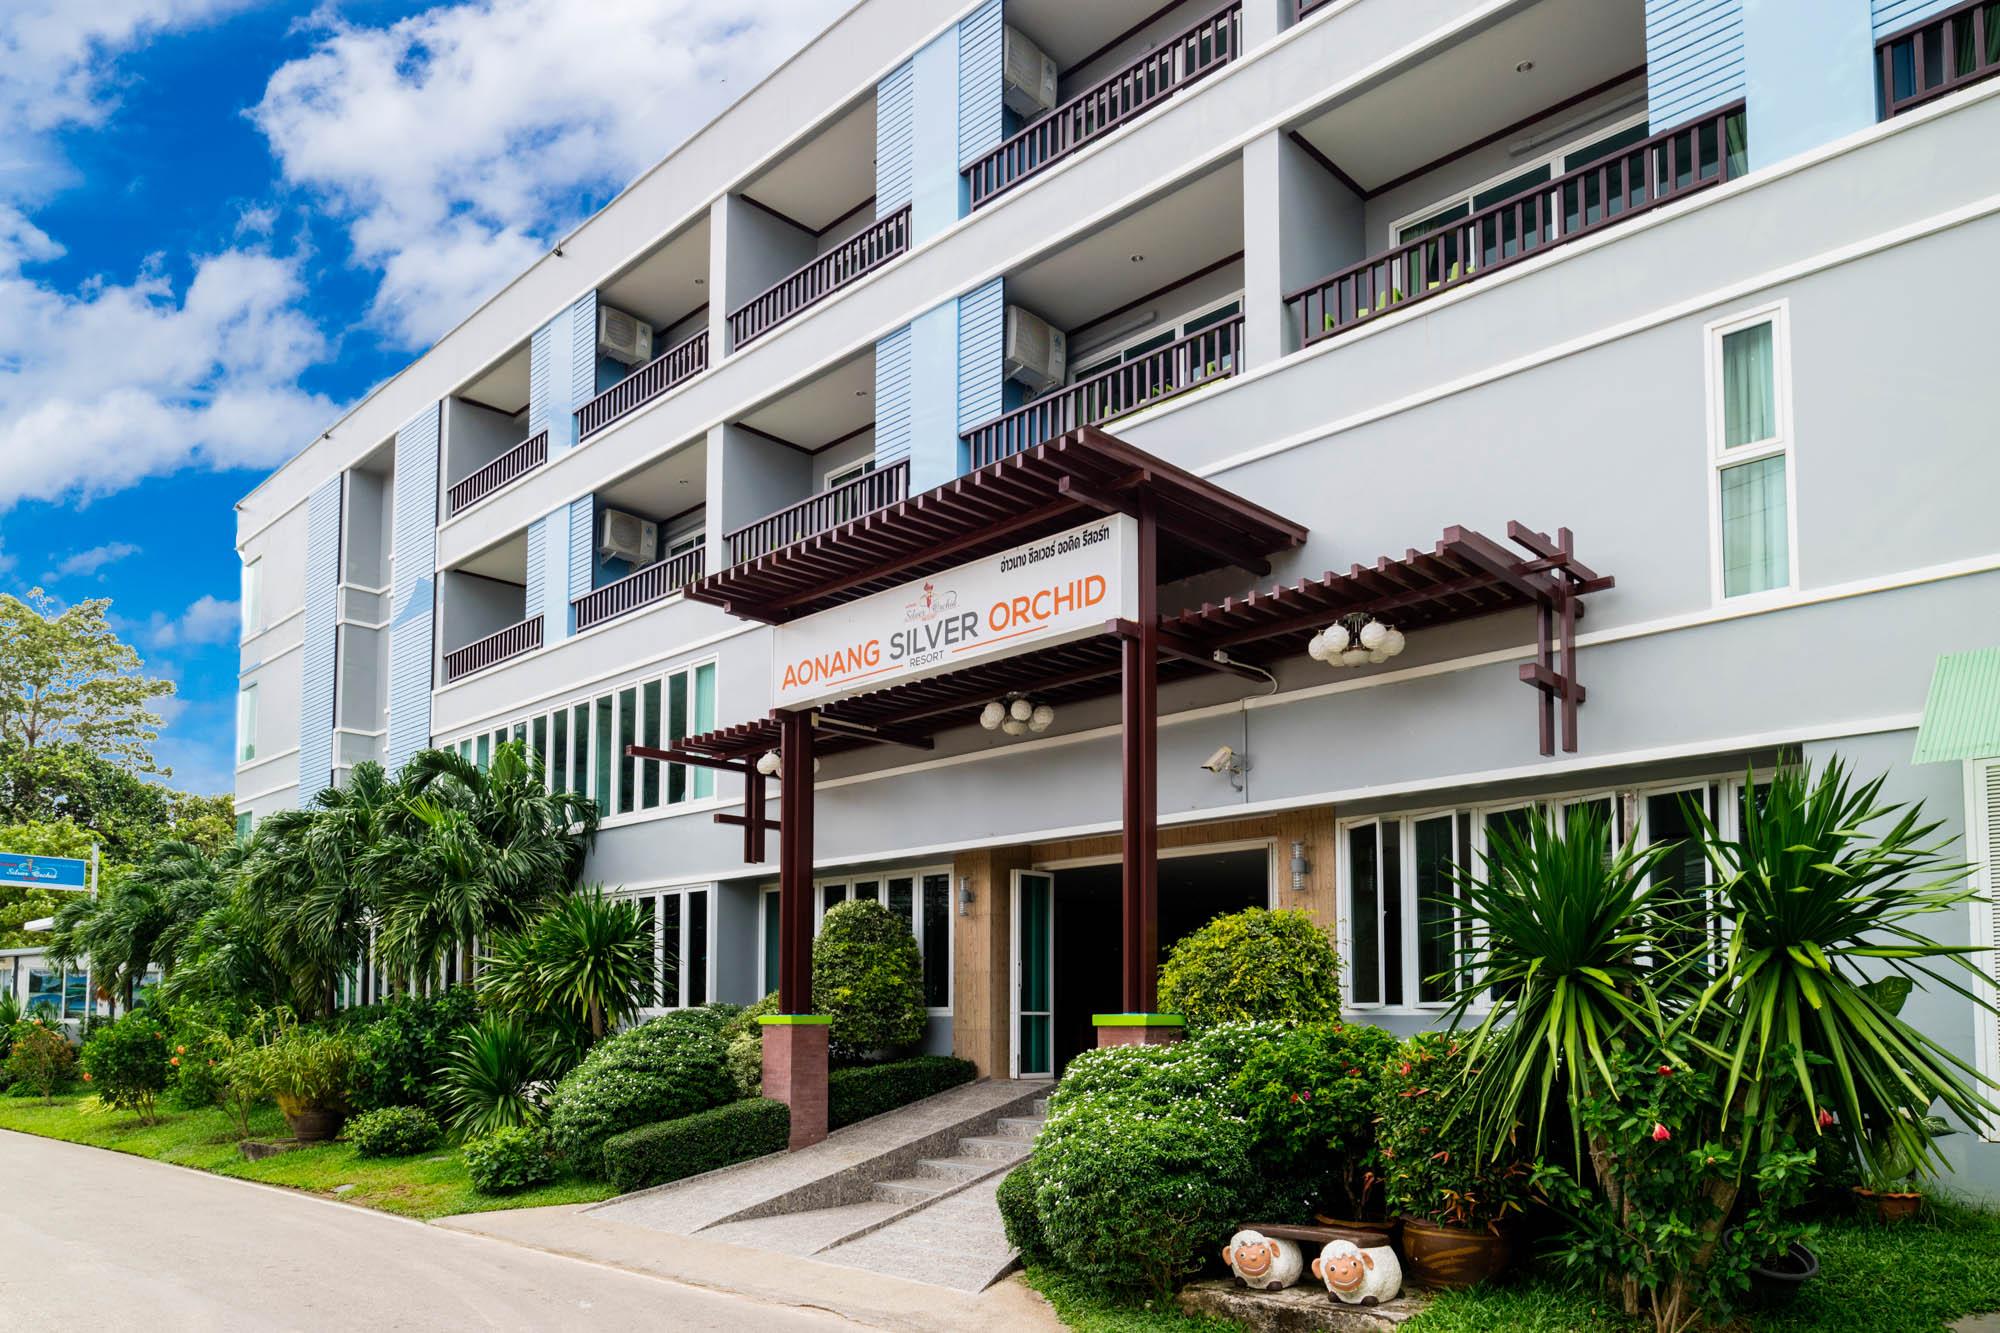 Halal Resort in Krabi รีวิวโรงแรมมุสลิม อ่าวนาง ซิลเวอร์ ออคิด รีสอร์ท โรงแรมฮาลาล กระบี่  Aonang Silver Orchid Resort  อ่าวนาง ซิลเวอร์ ออคิด รีสอร์ท IMG 61653